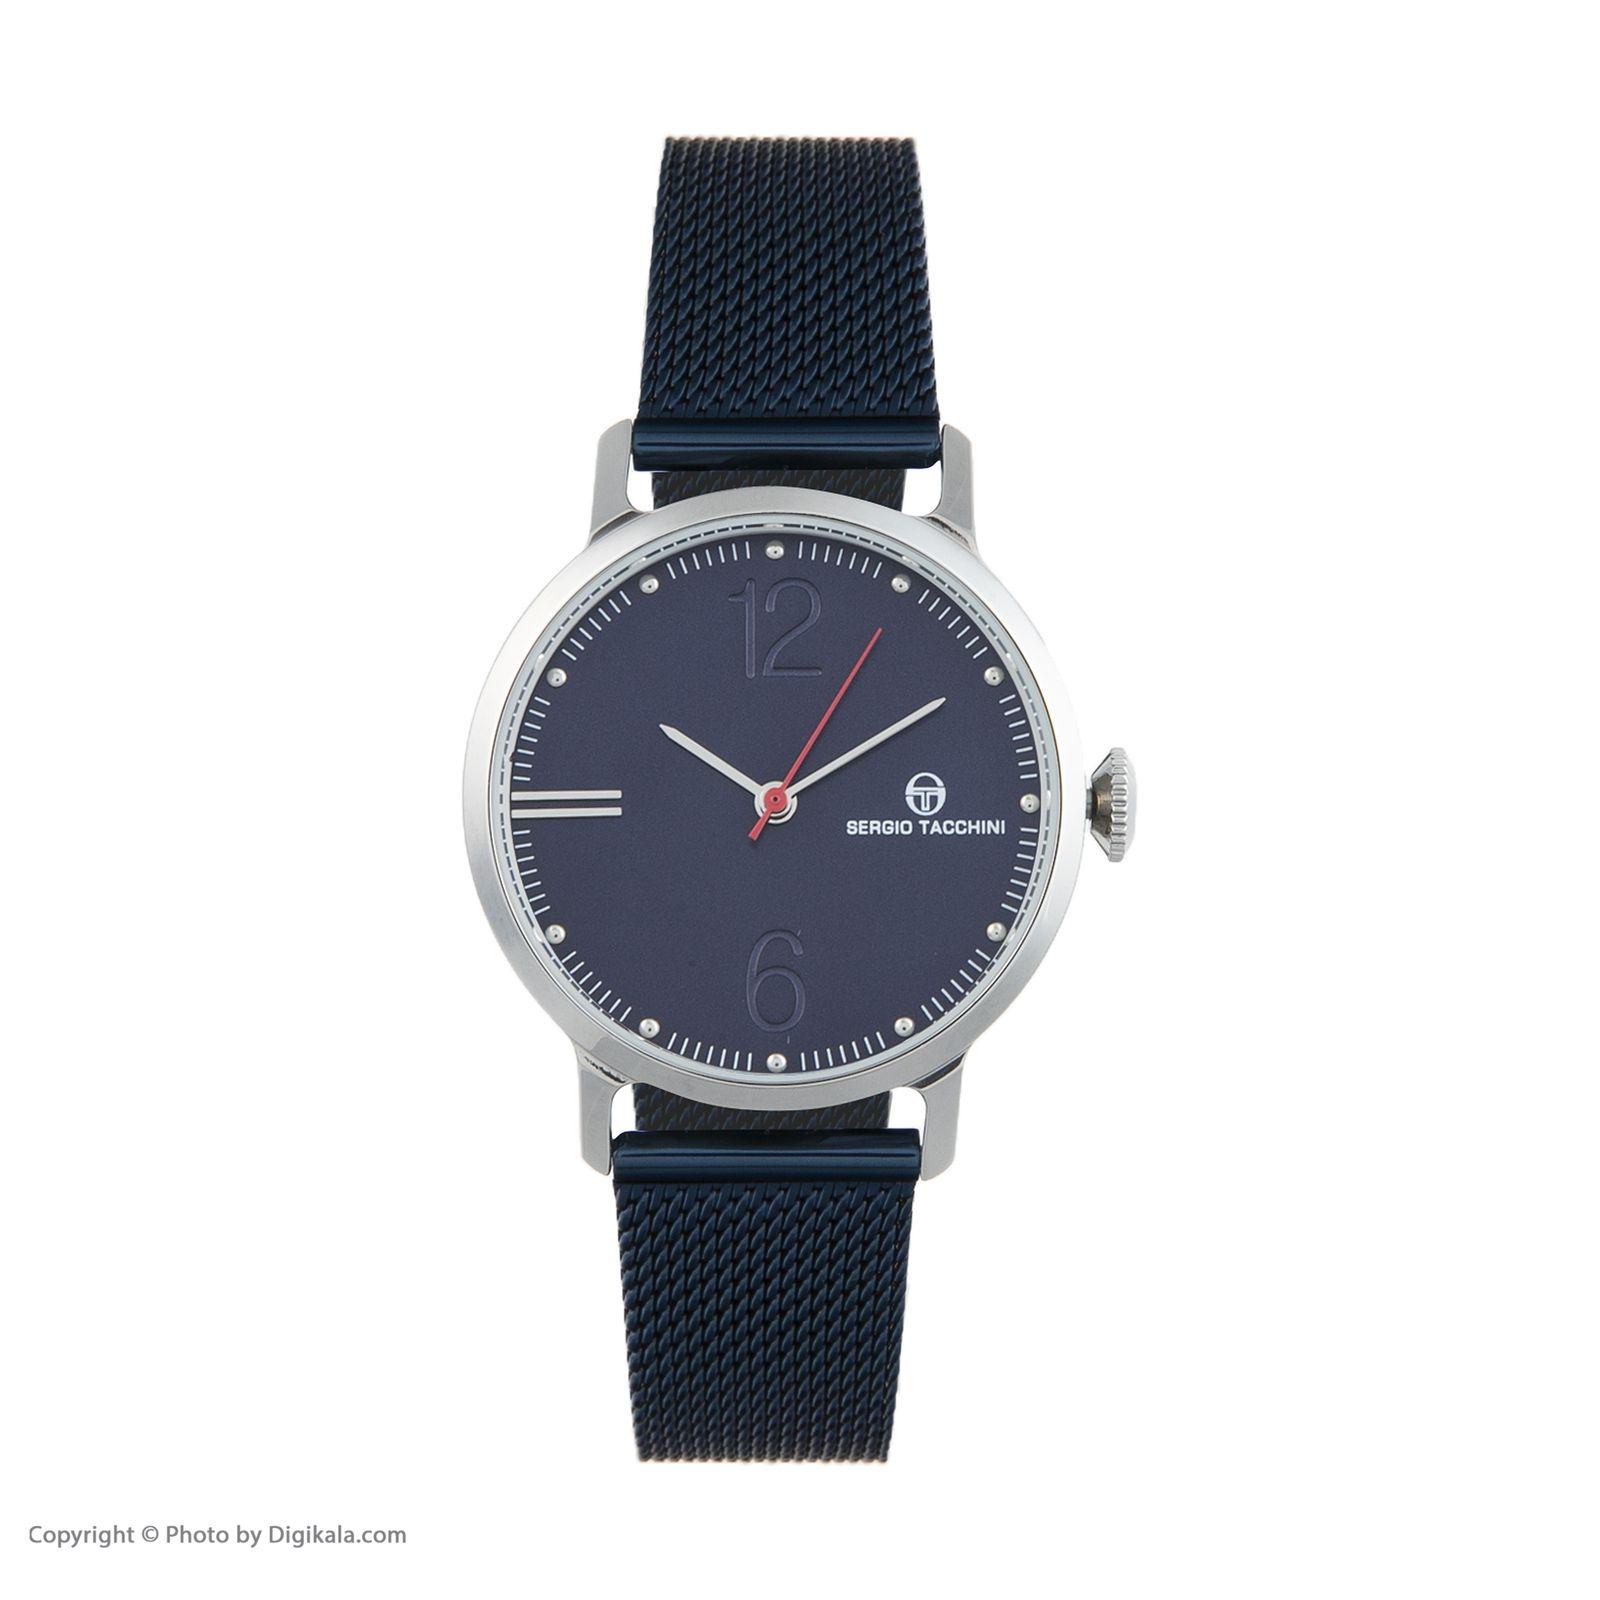 ساعت مچی عقربه ای مردانه سرجیو تاچینی مدل ST.9.119.05 -  - 1